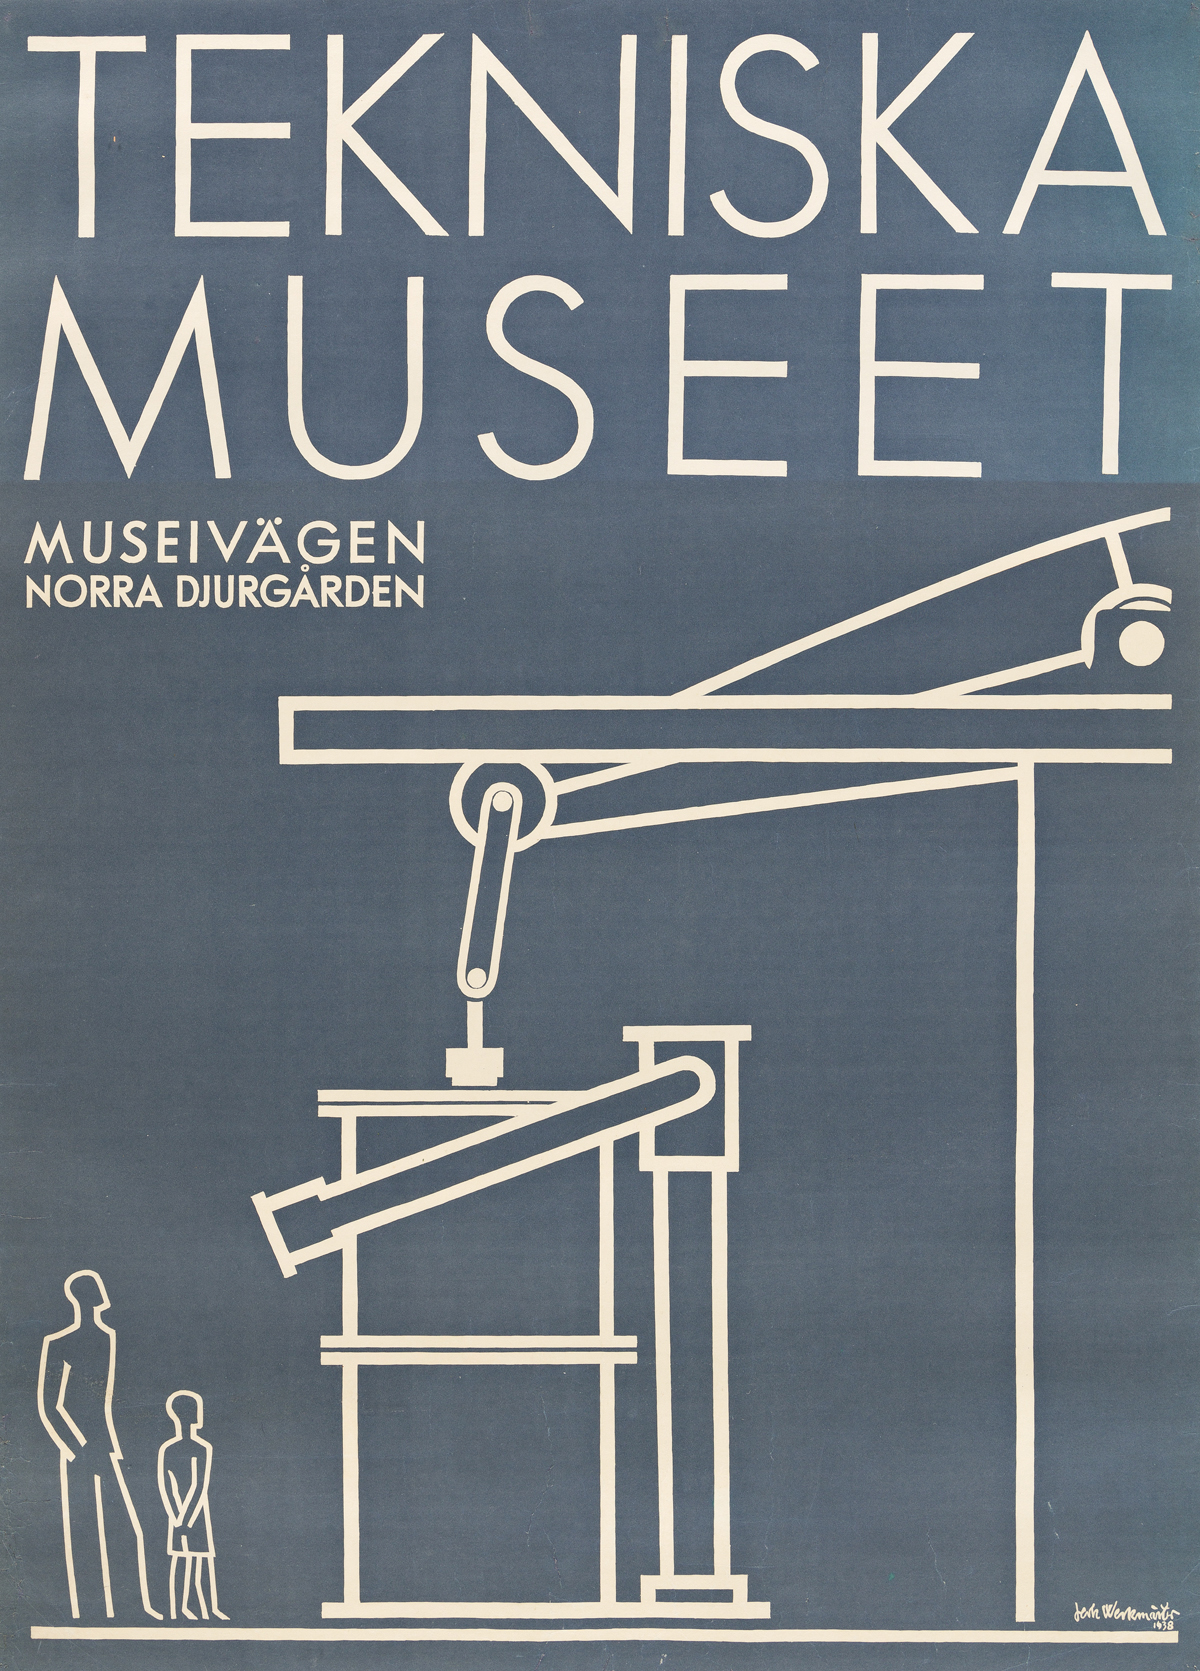 JERK WERKMÄSTER (1896-1978).  TEKNISKA MUSEET / MUSEIVAGEN. 1938. 32½x23½ inches, 82½x59¾ cm.